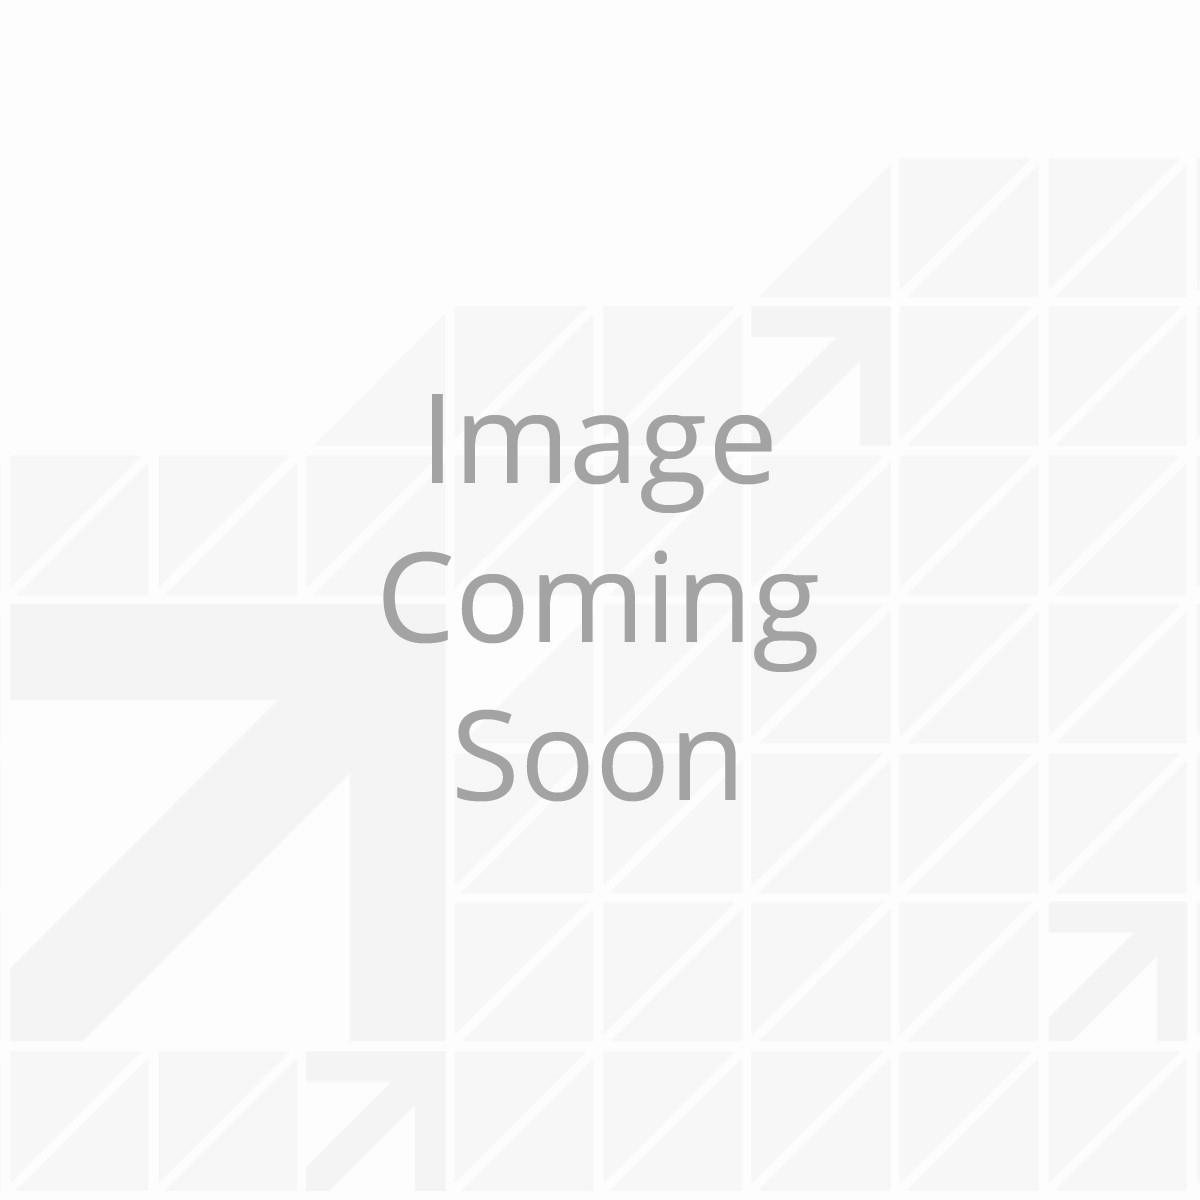 119101_-_lg_leg_assy_-_001_2